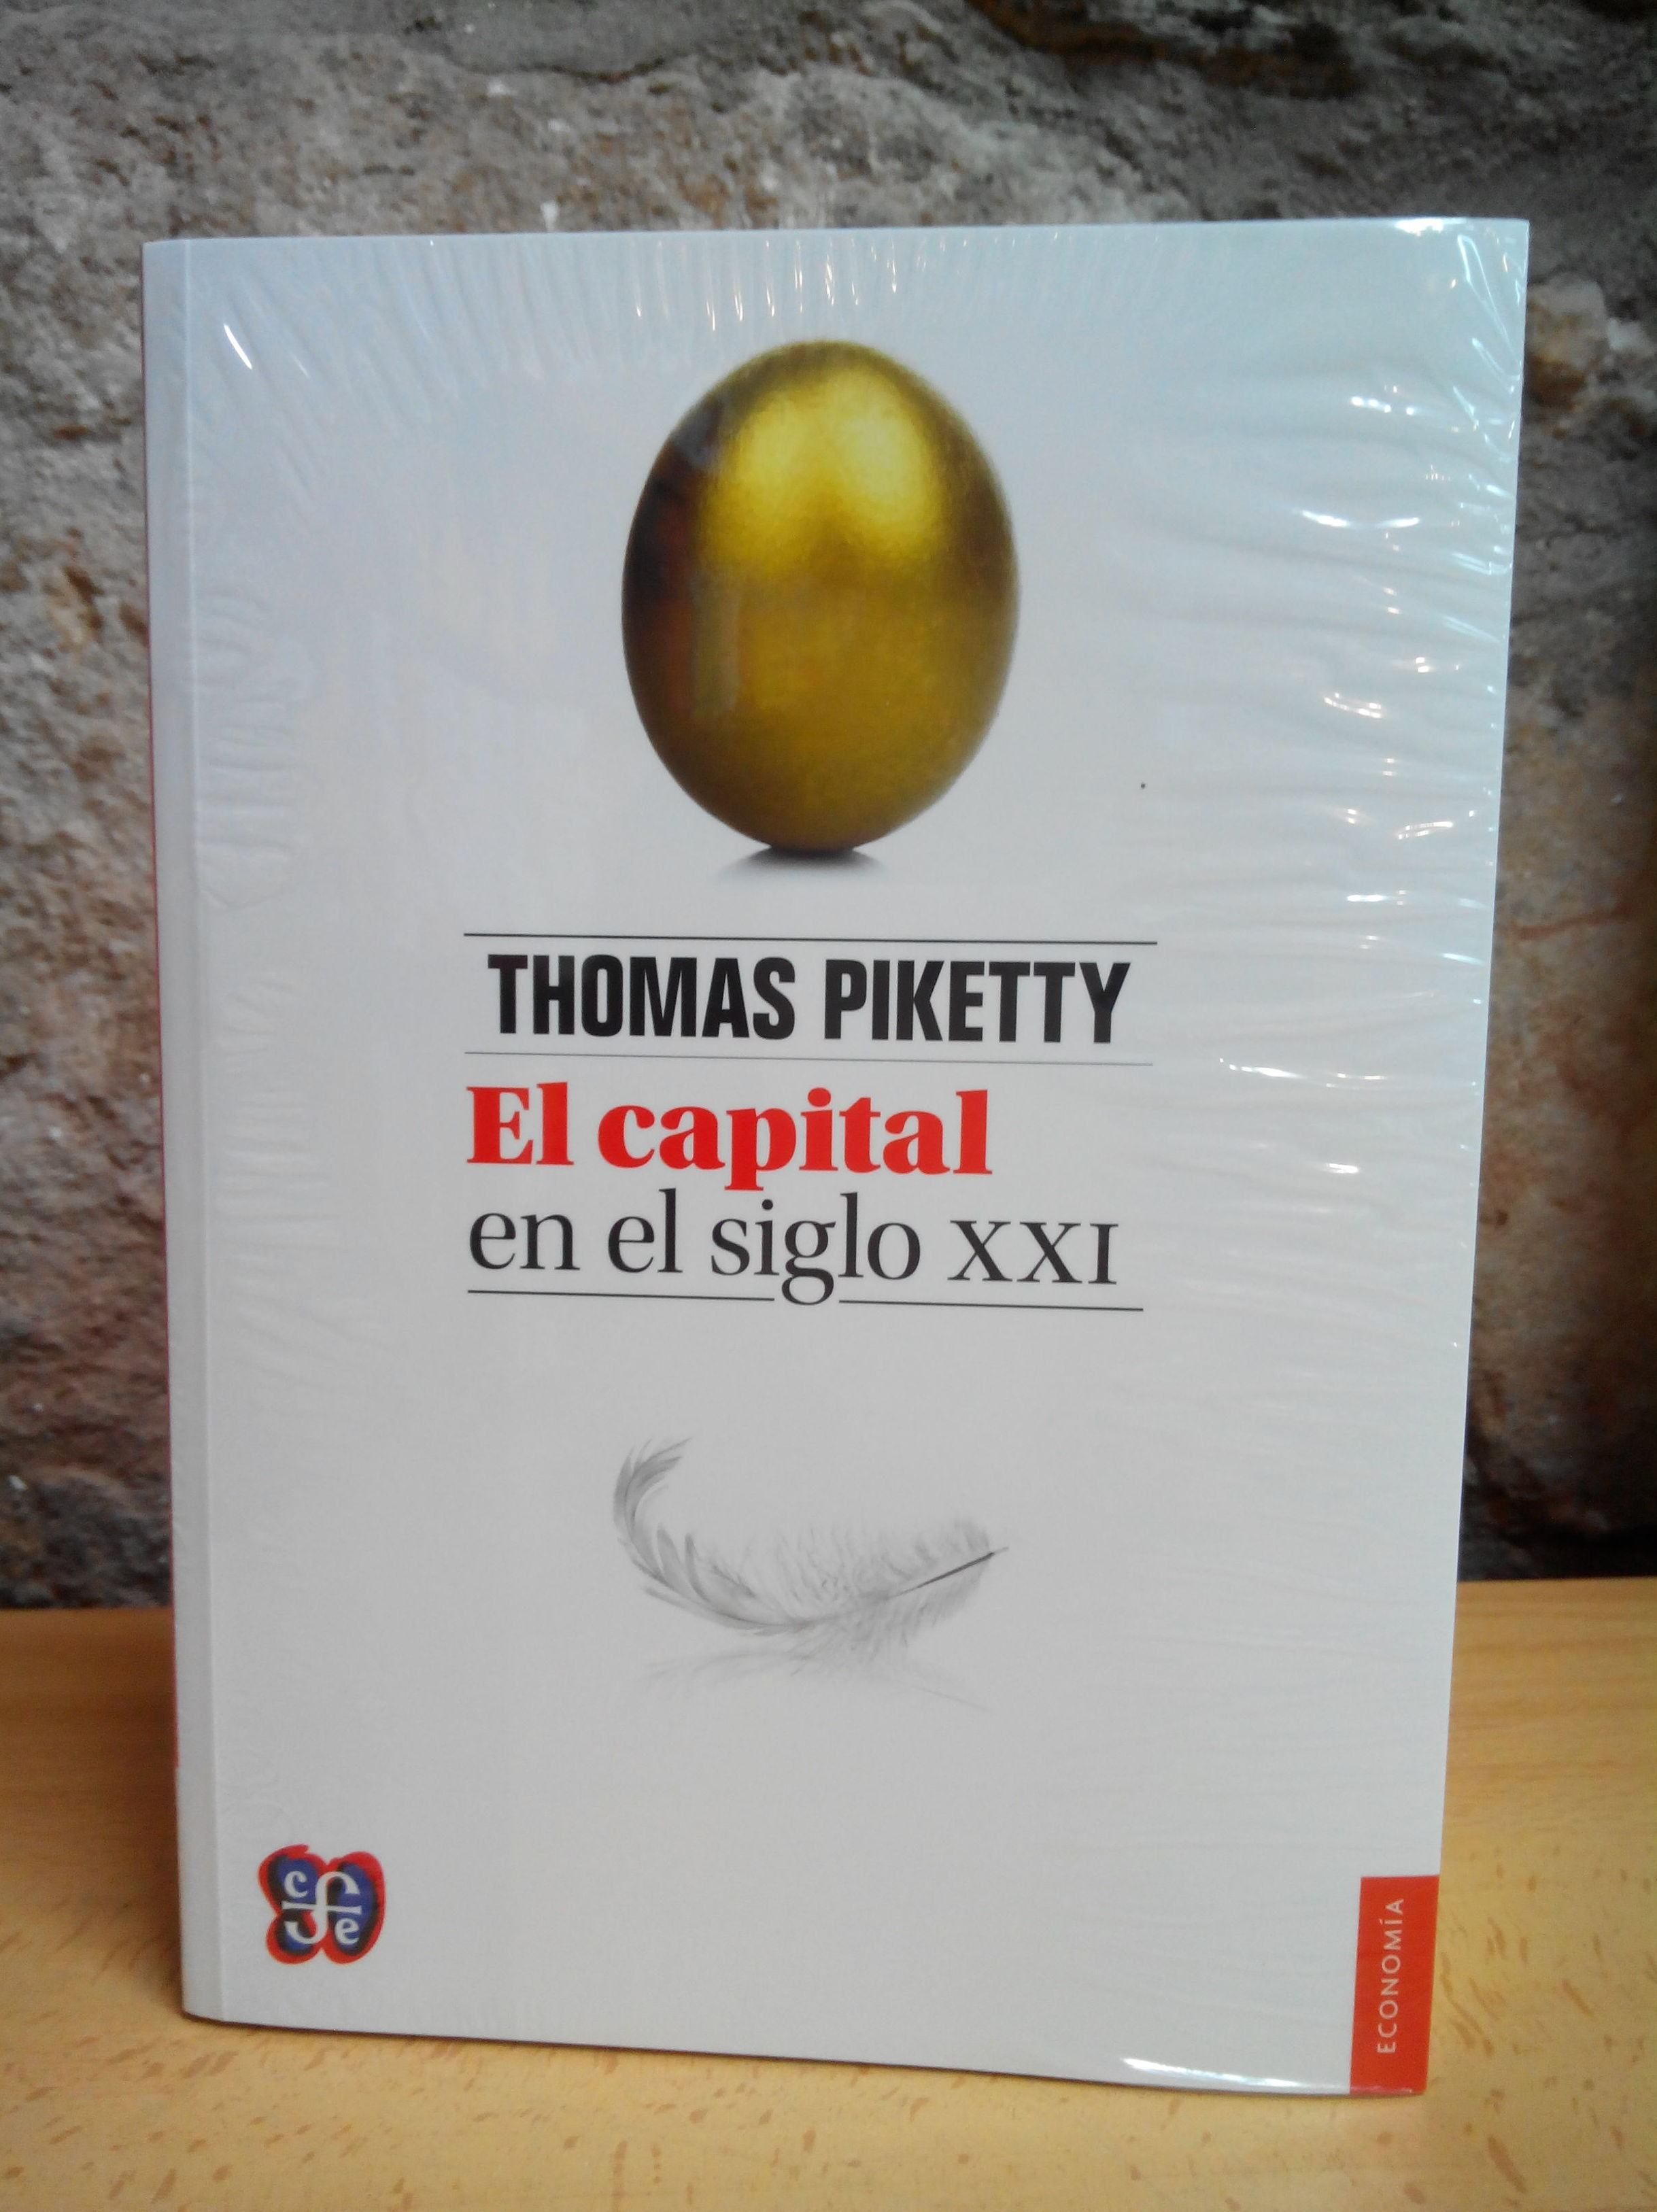 EL CAPITAL EN EL SIGLO XXI : SECCIONES de Librería Nueva Plaza Universitaria